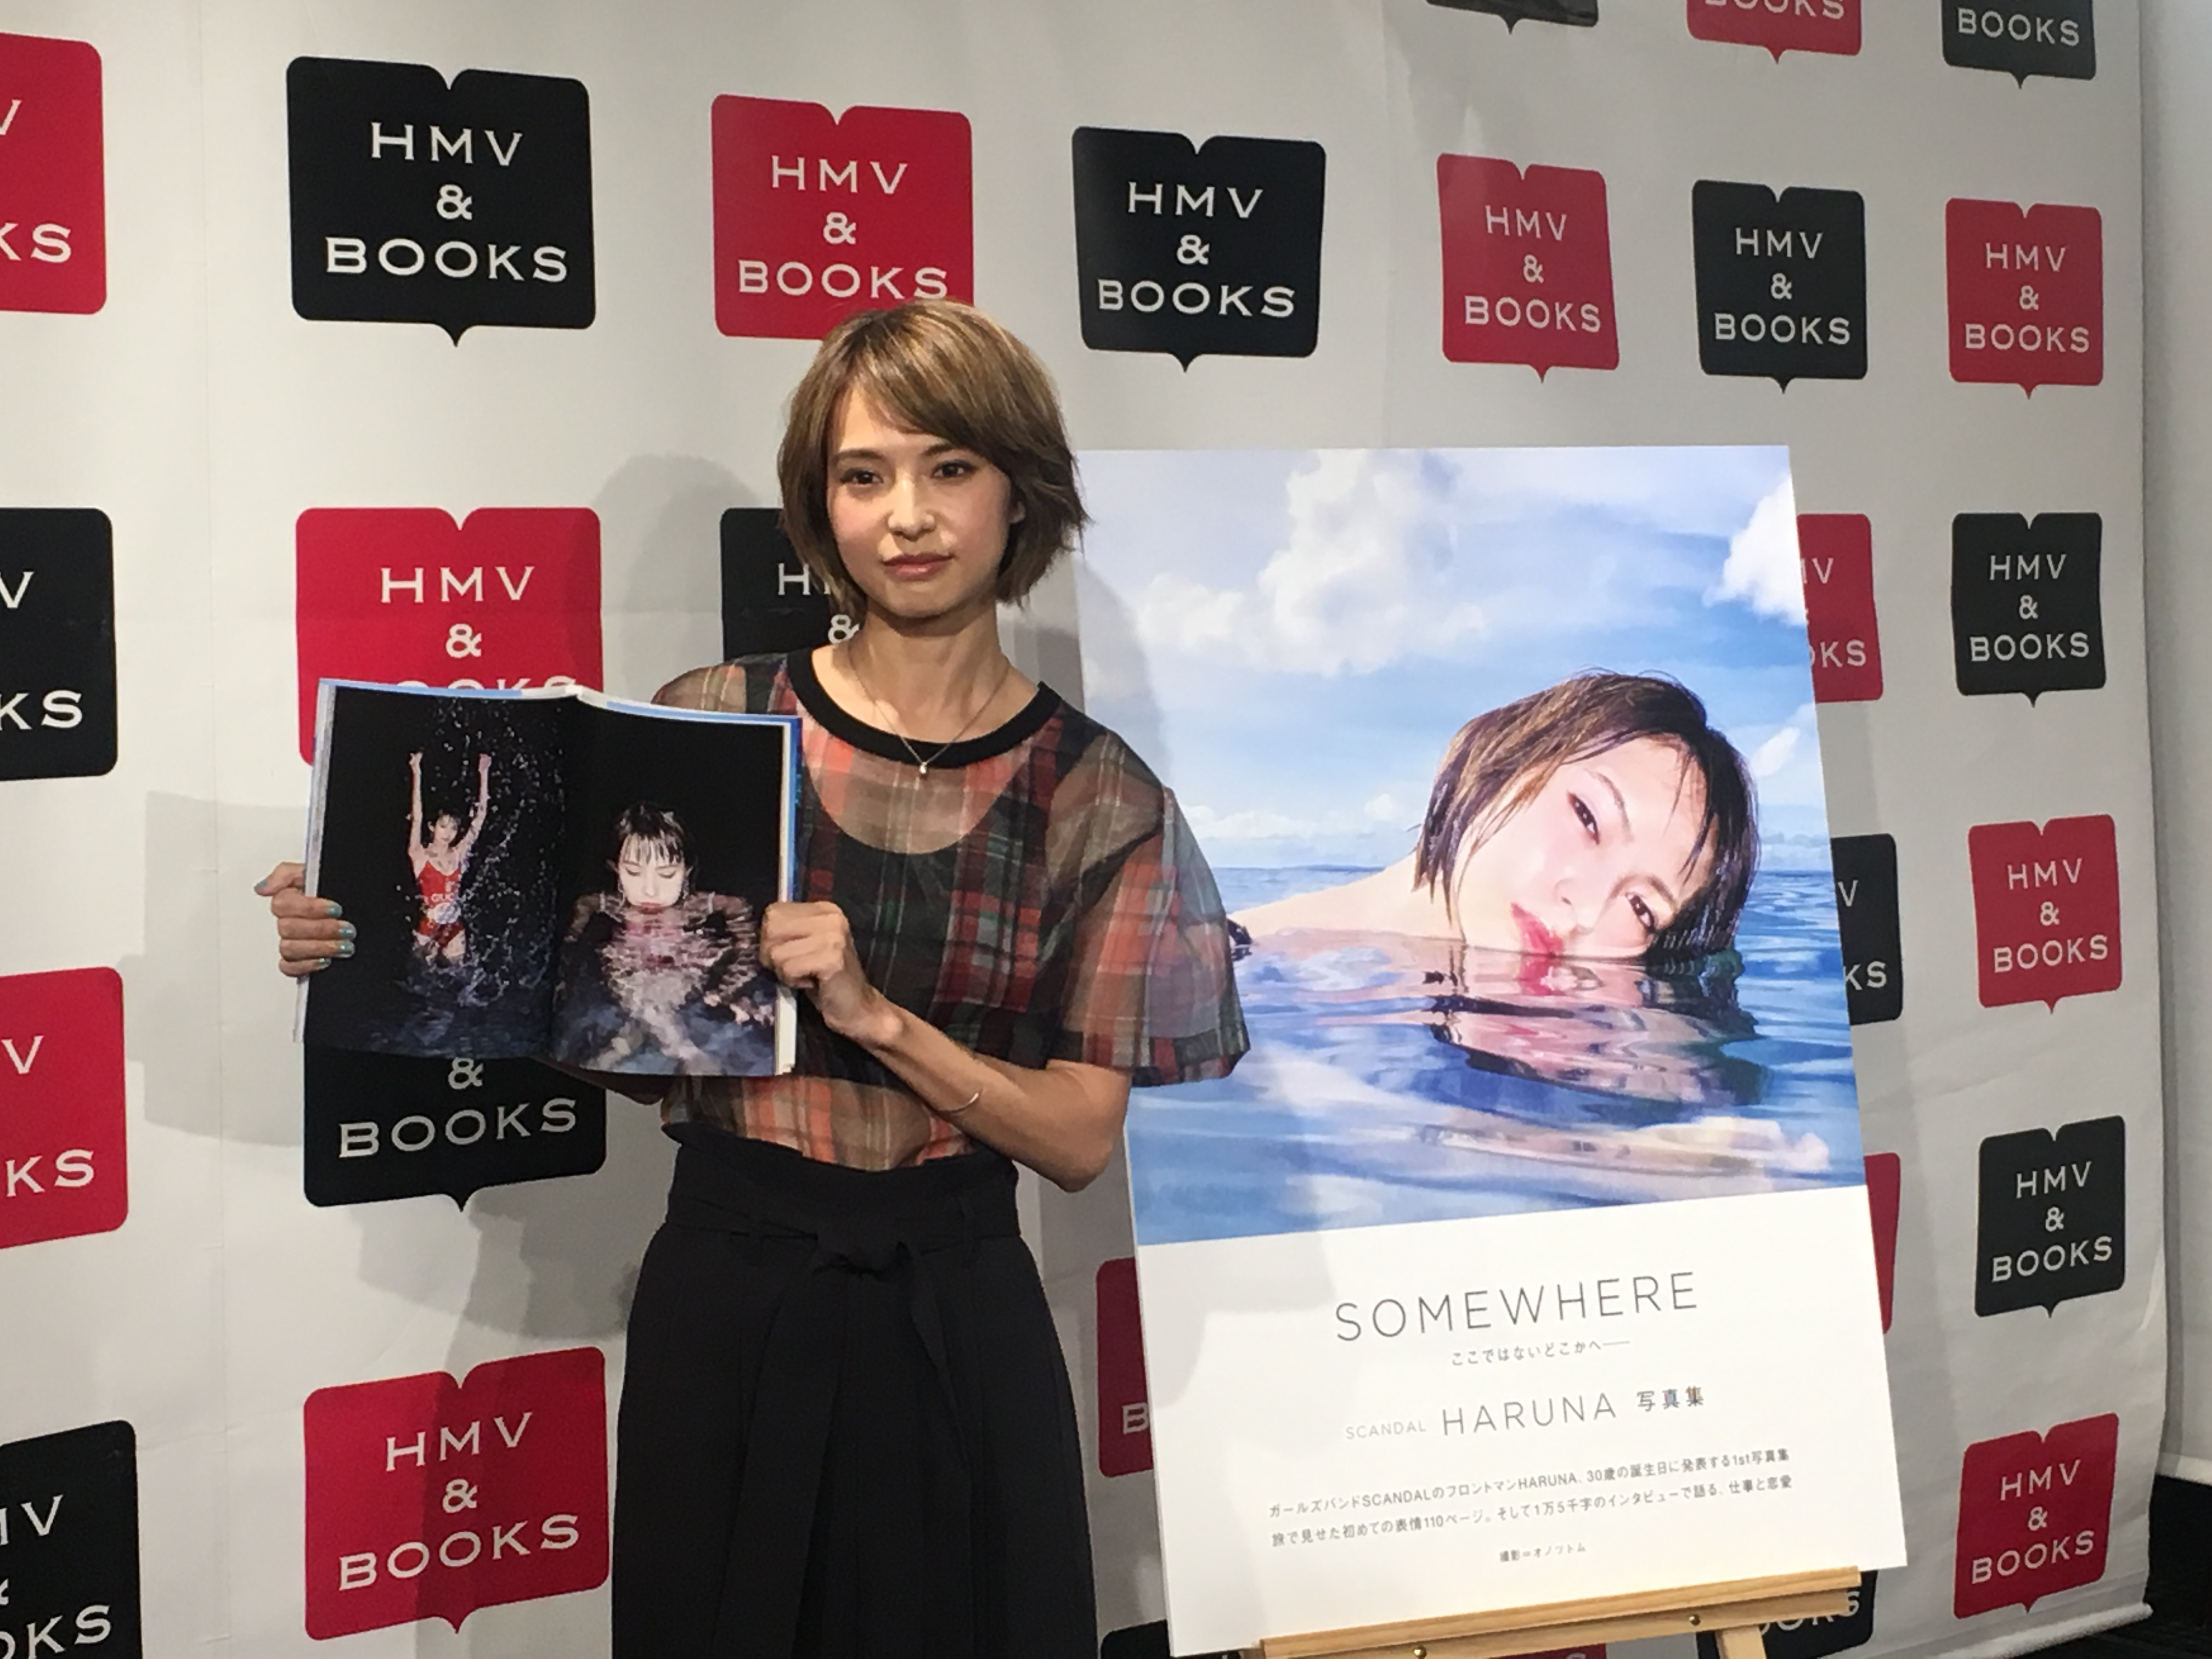 MoshiMoshiNippon – SCANDAL Haruna a mis sur pied un événement pour la sortie de son premier photobook 'SOMEWHERE'